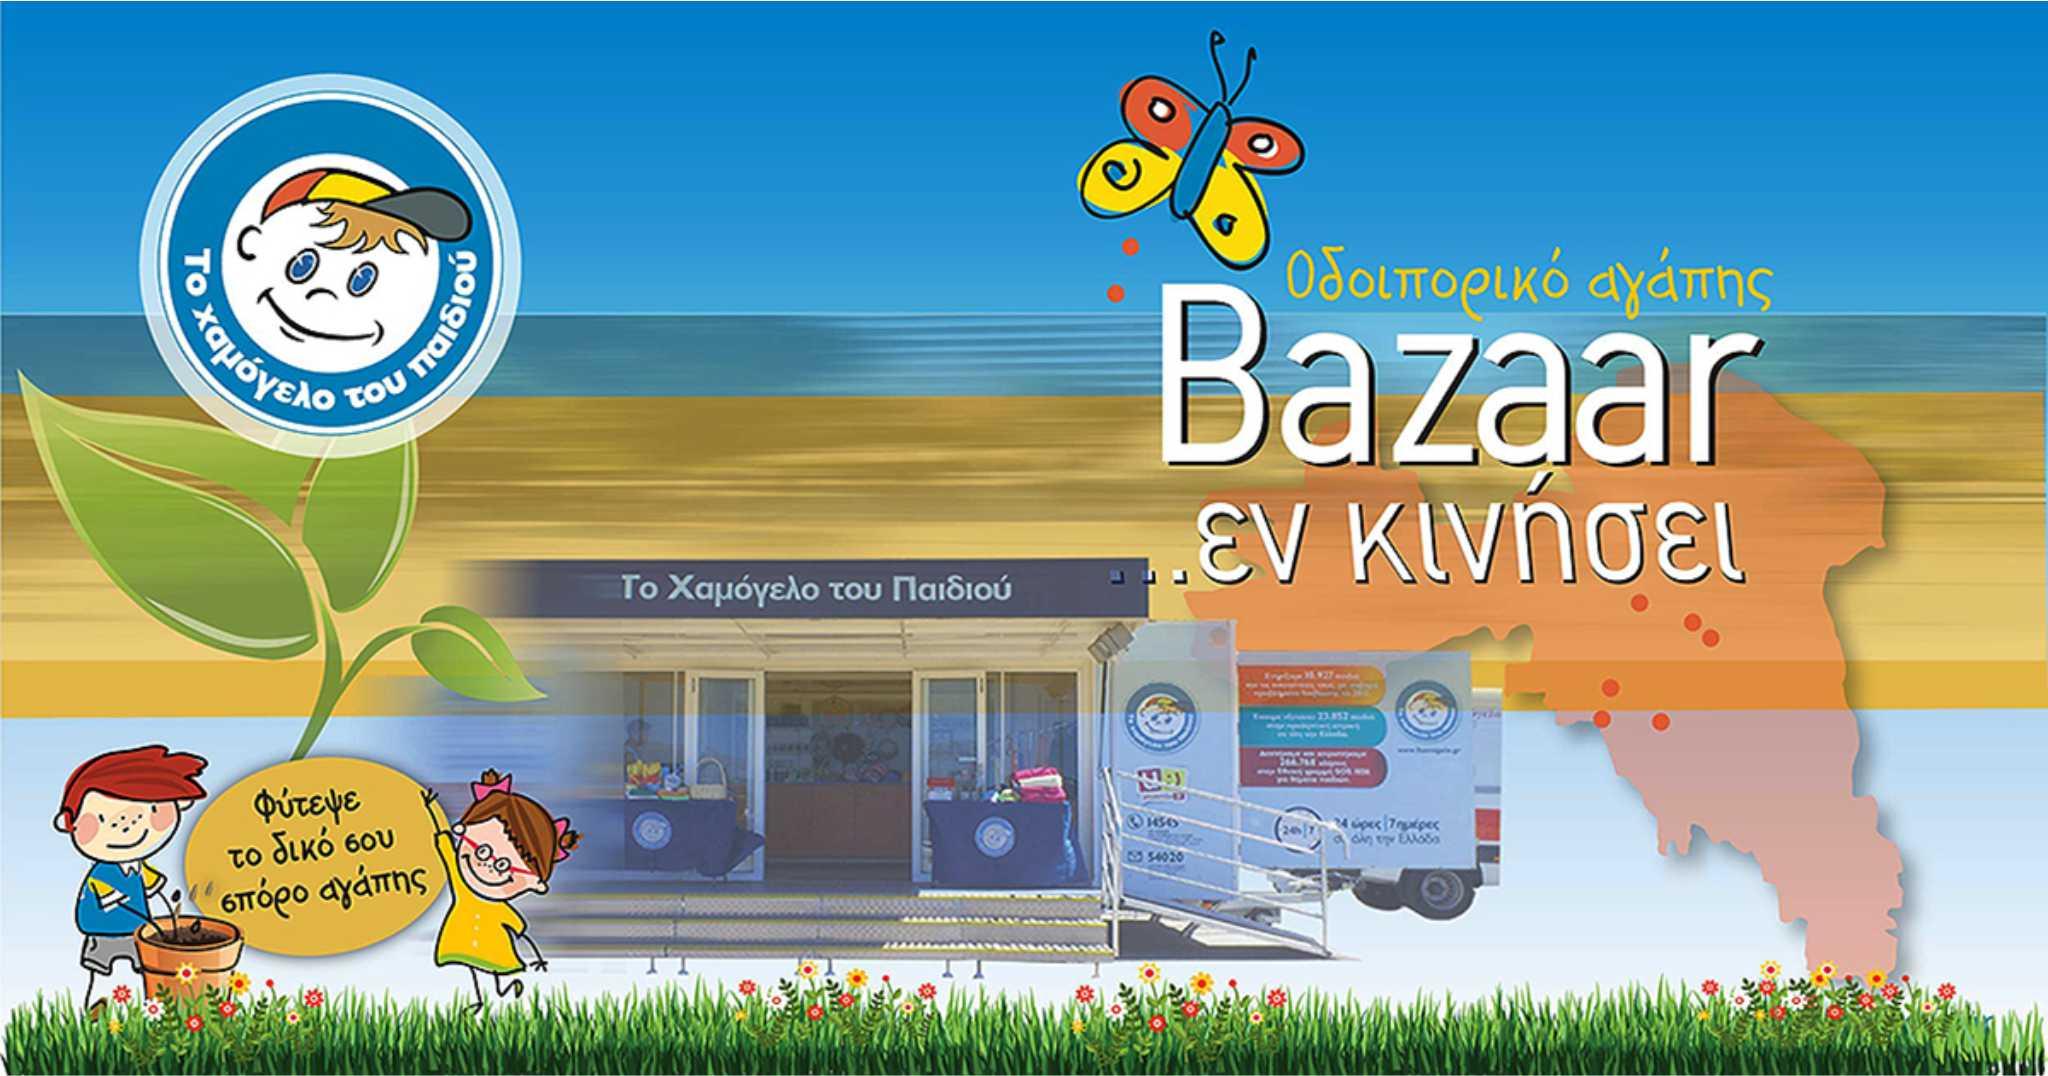 Αγία Παρασκευή: Bazaar αγάπης από ΤΟ ΧΑΜΟΓΕΛΟ ΤΟΥ ΠΑΙΔΙΟΥ